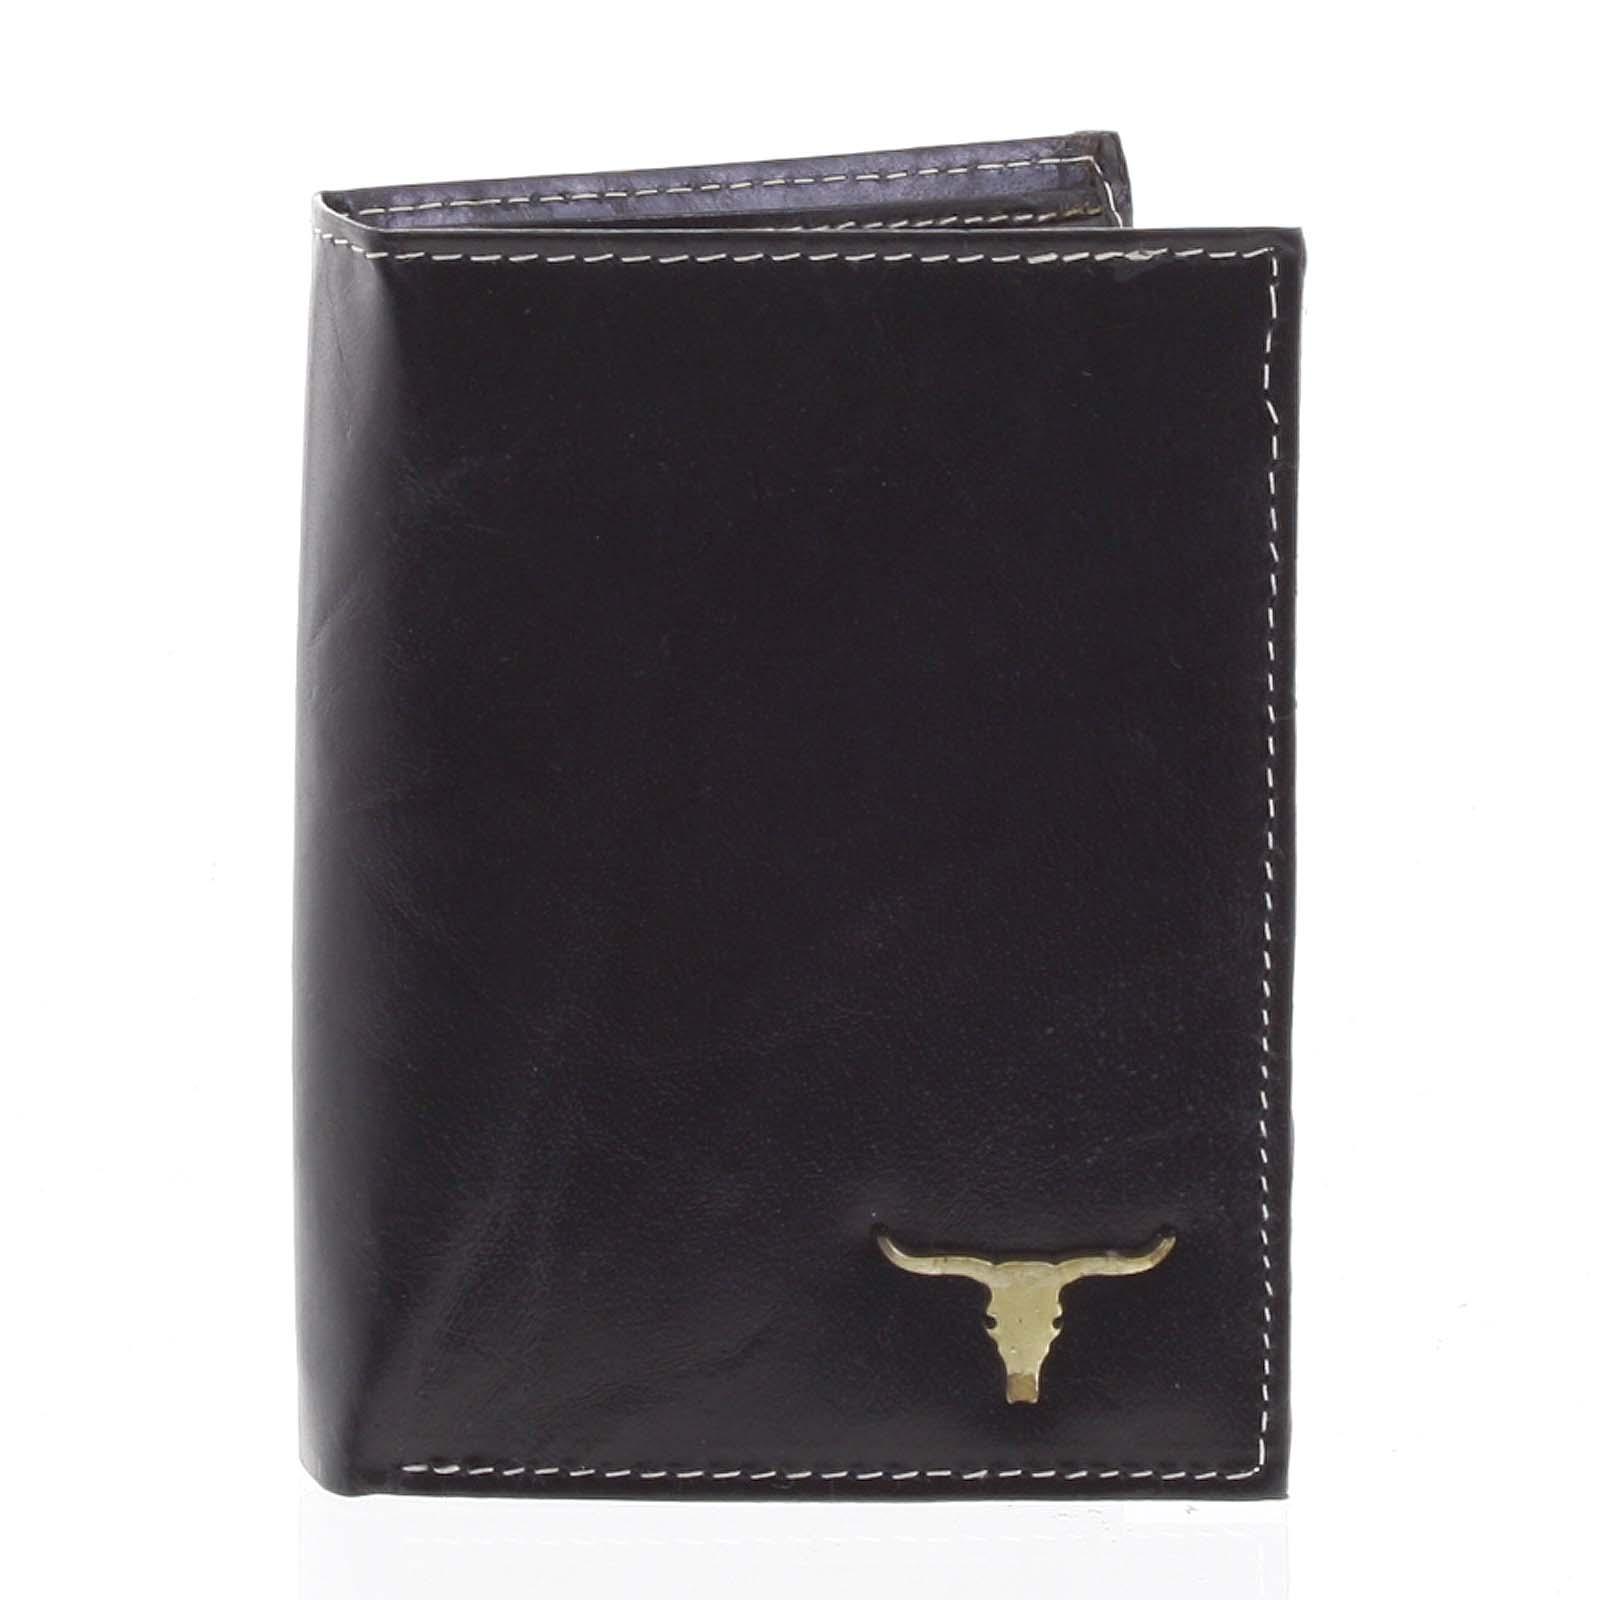 Pánská kožená peněženka černá - BUFFALO Dura černá